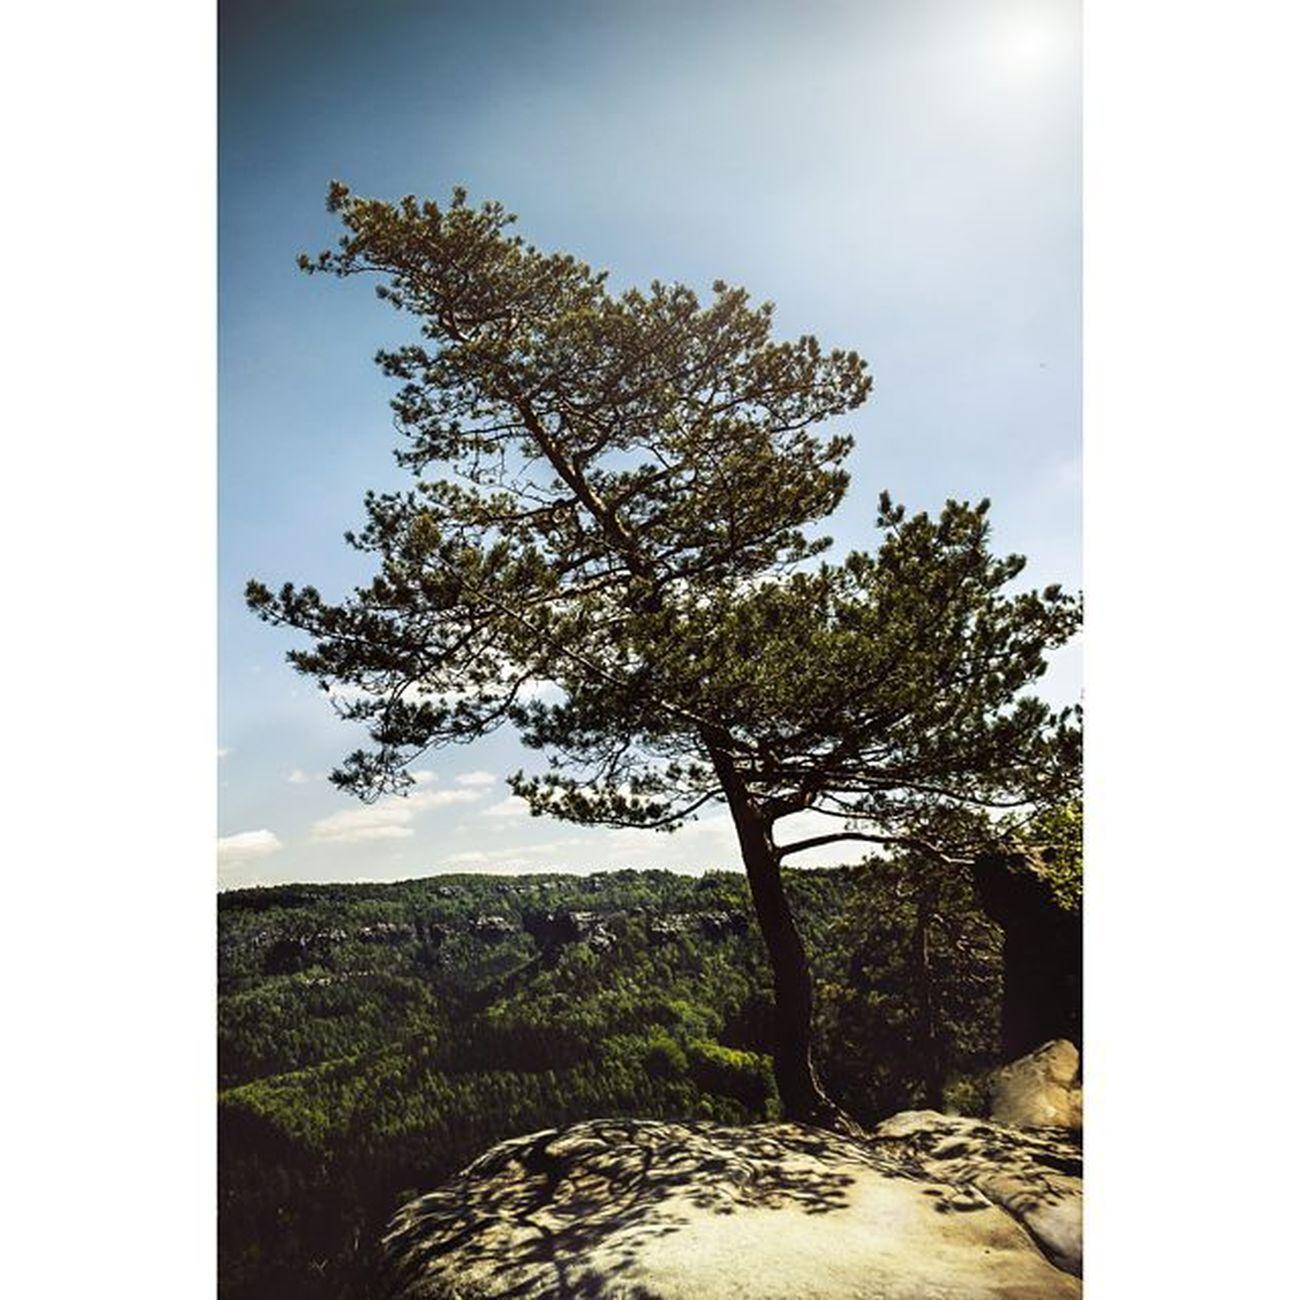 Ein Baum, der einsam auf einem Felsen in der Sächsische Schweiz Stande. CripixtMovement Michaellangerfotografie Landscape Sächsischeschweiz Fotografie Photography Photographyislife